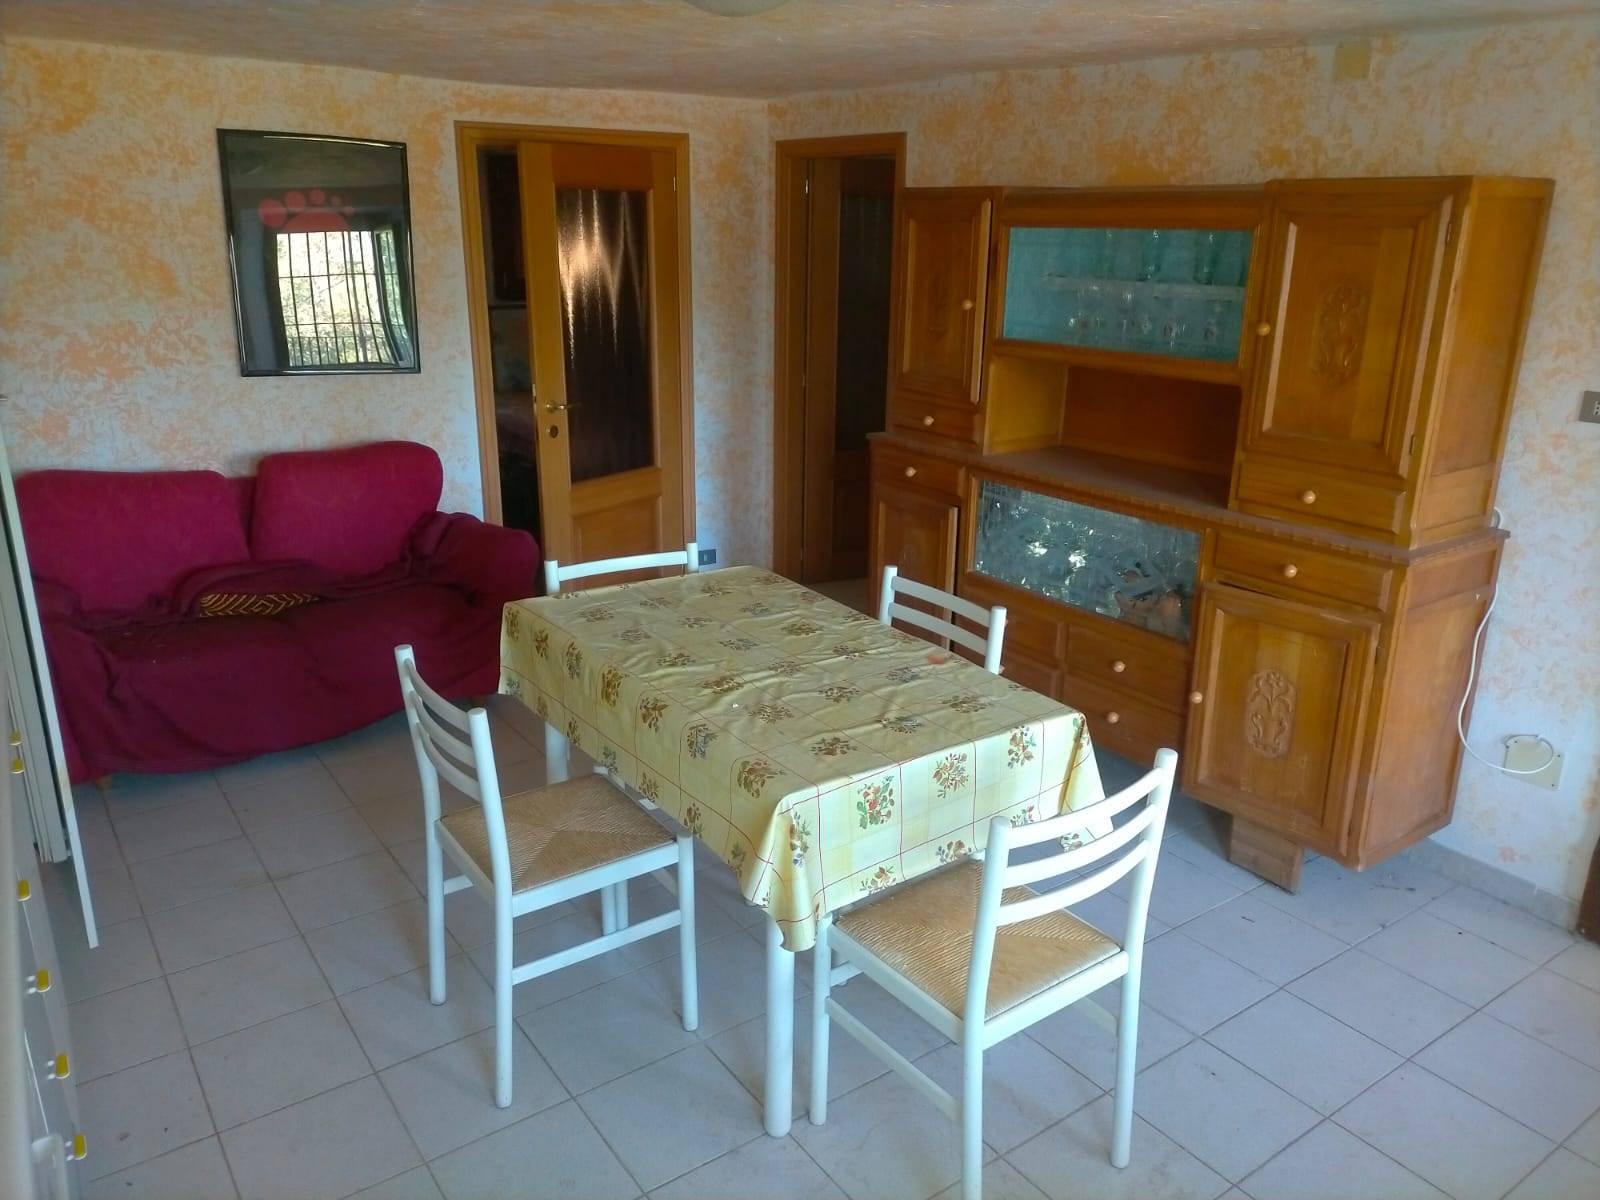 Soluzione Indipendente in vendita a Aosta, 2 locali, zona Zona: Excenex, prezzo € 60.000 | CambioCasa.it